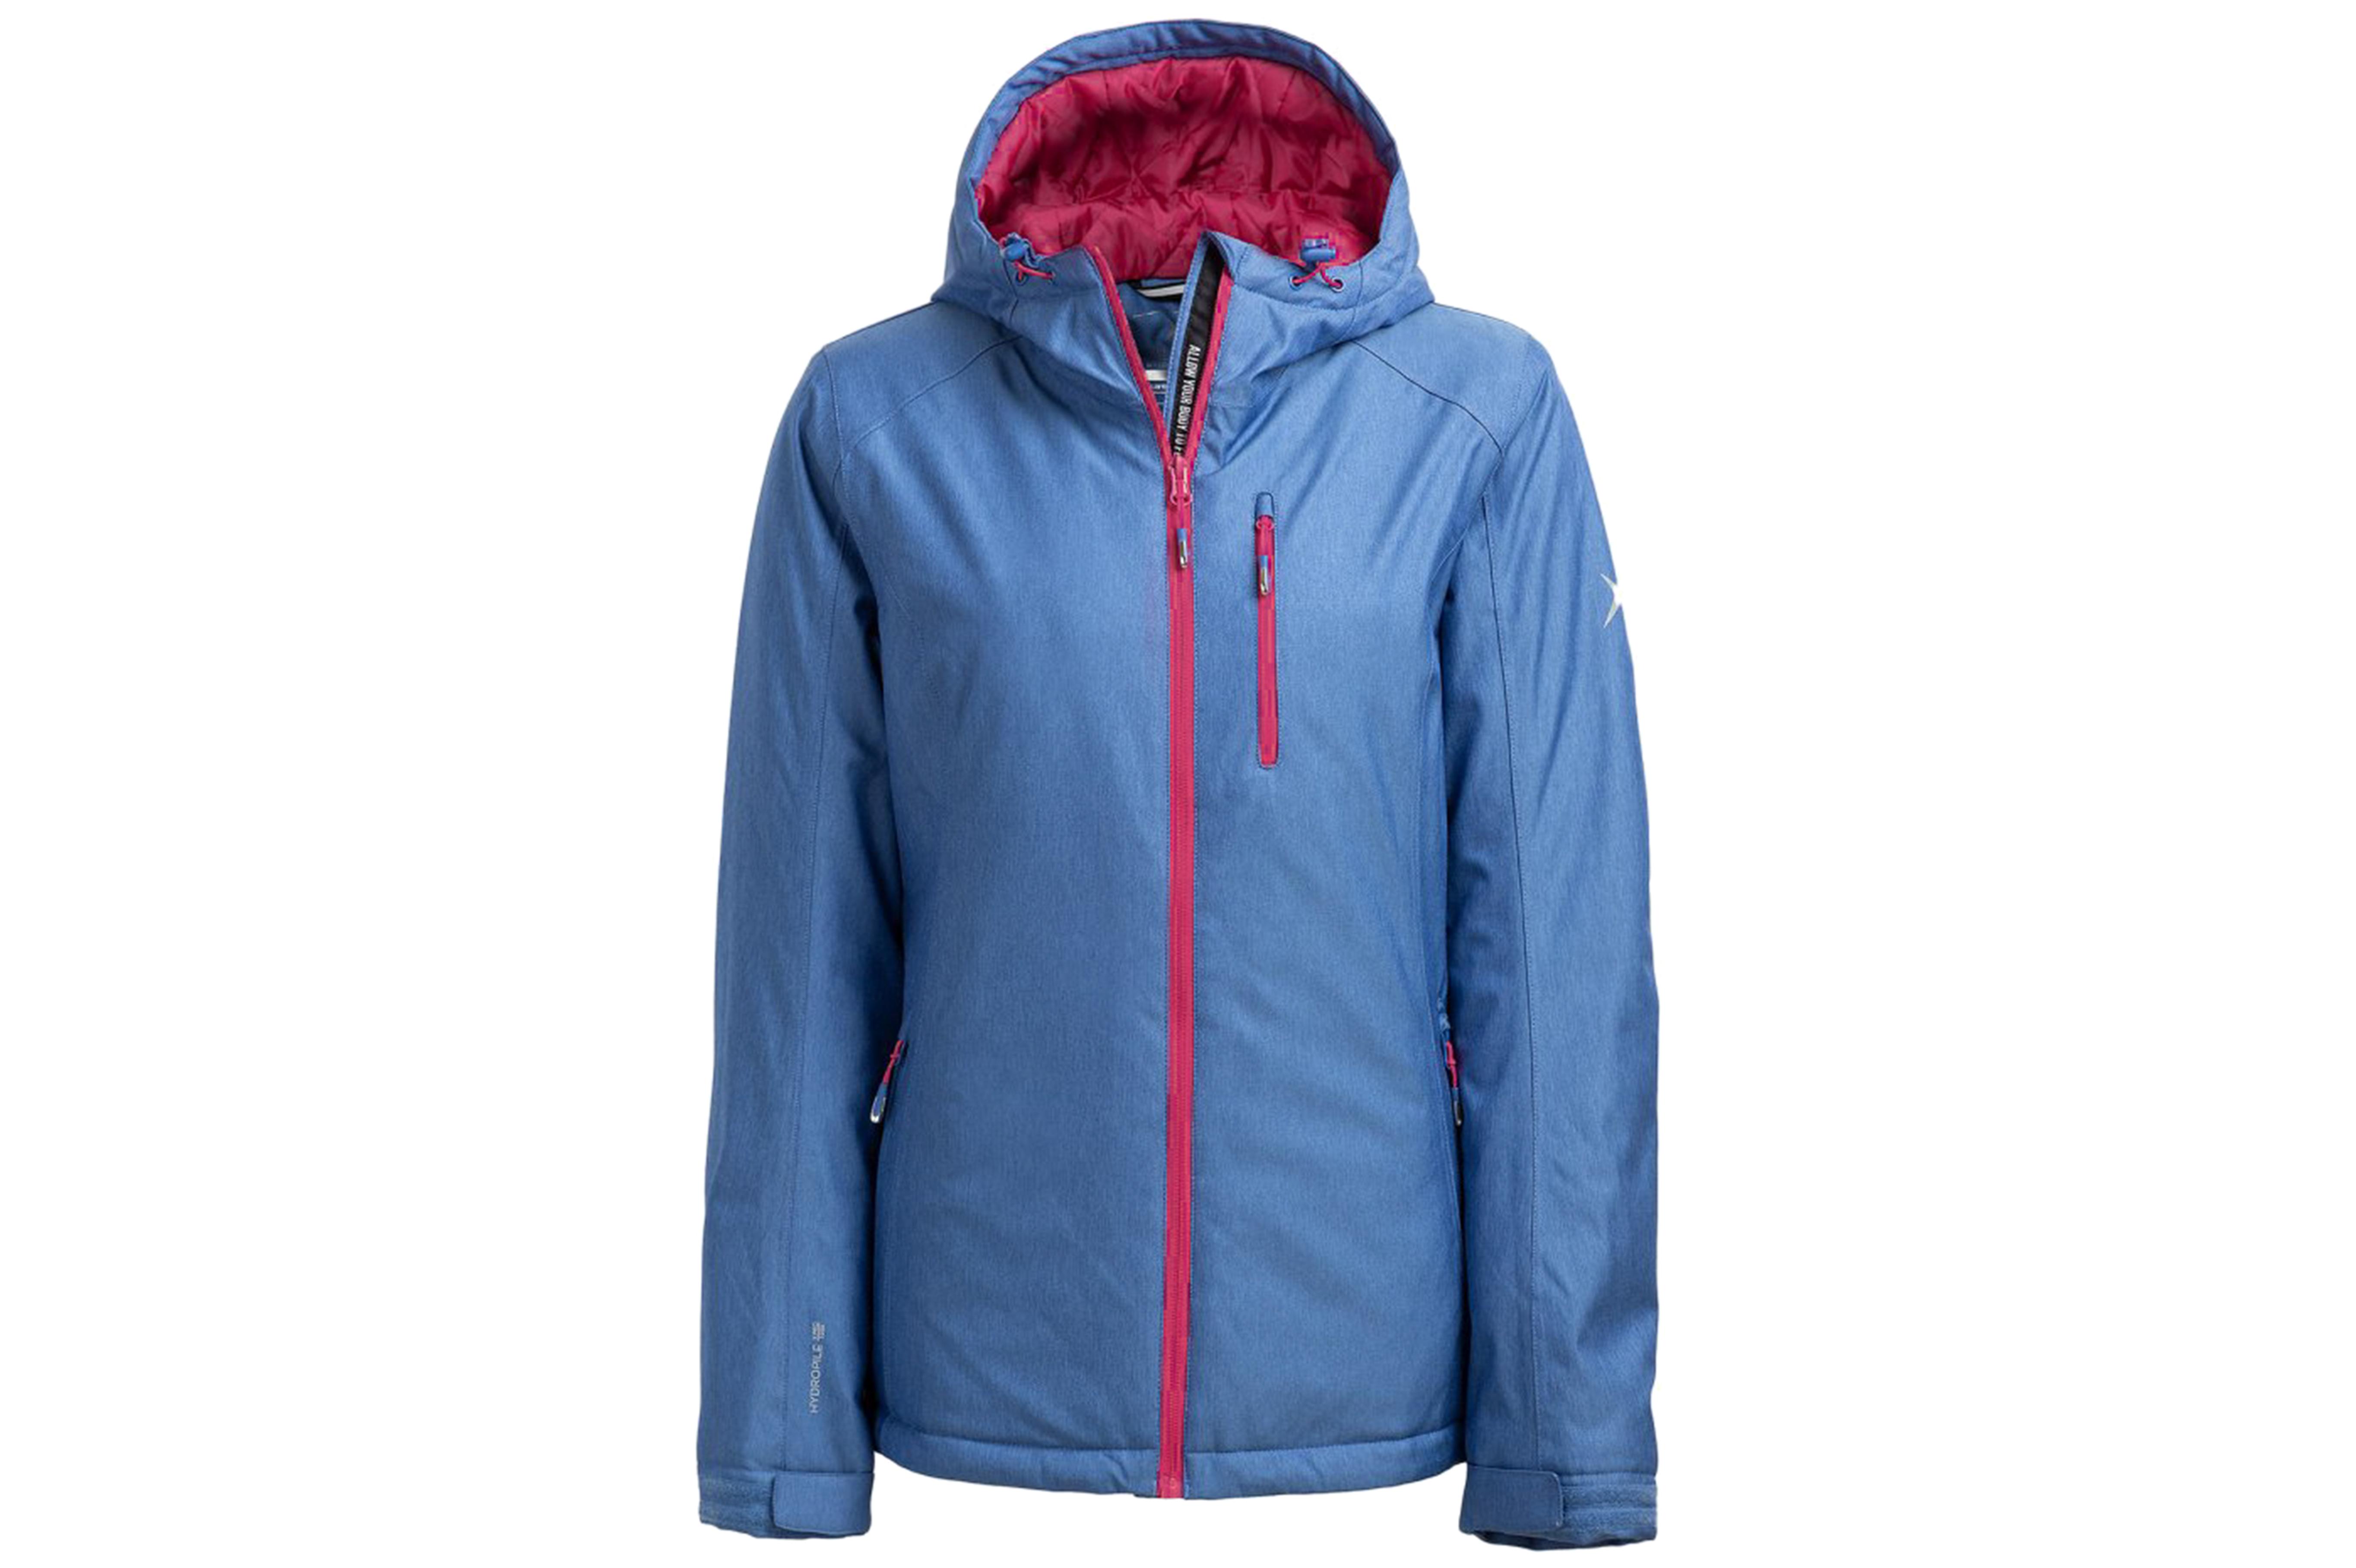 בגדי חורף אוטורון לנשים Outhorn HOZ18 KUDN601 - כחול